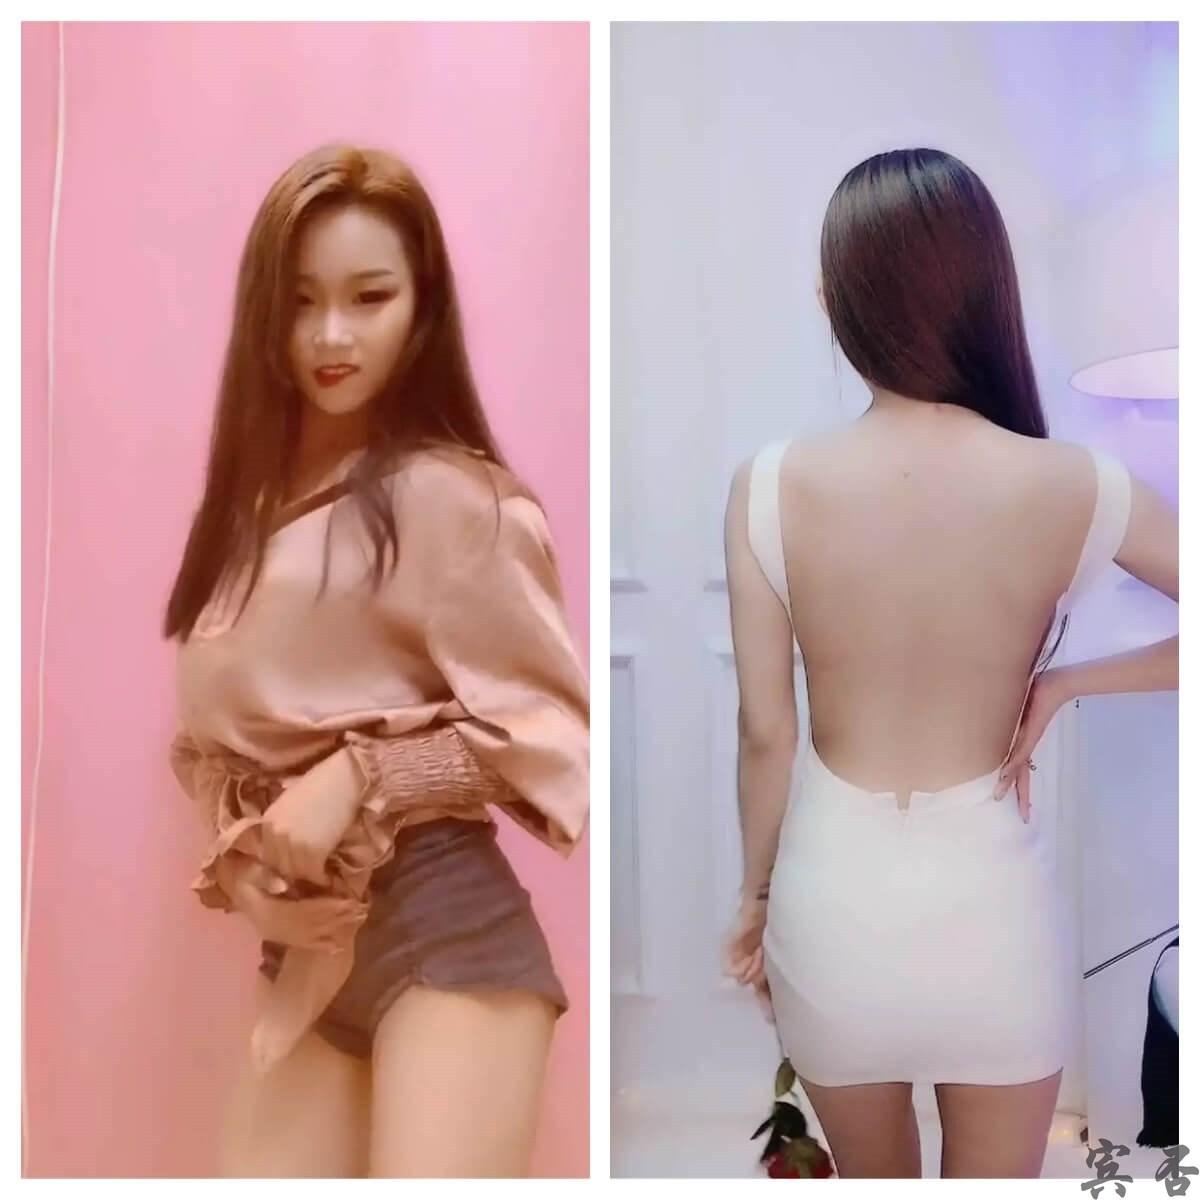 「抖音/快手」美女小视频经典收藏版 3000 部